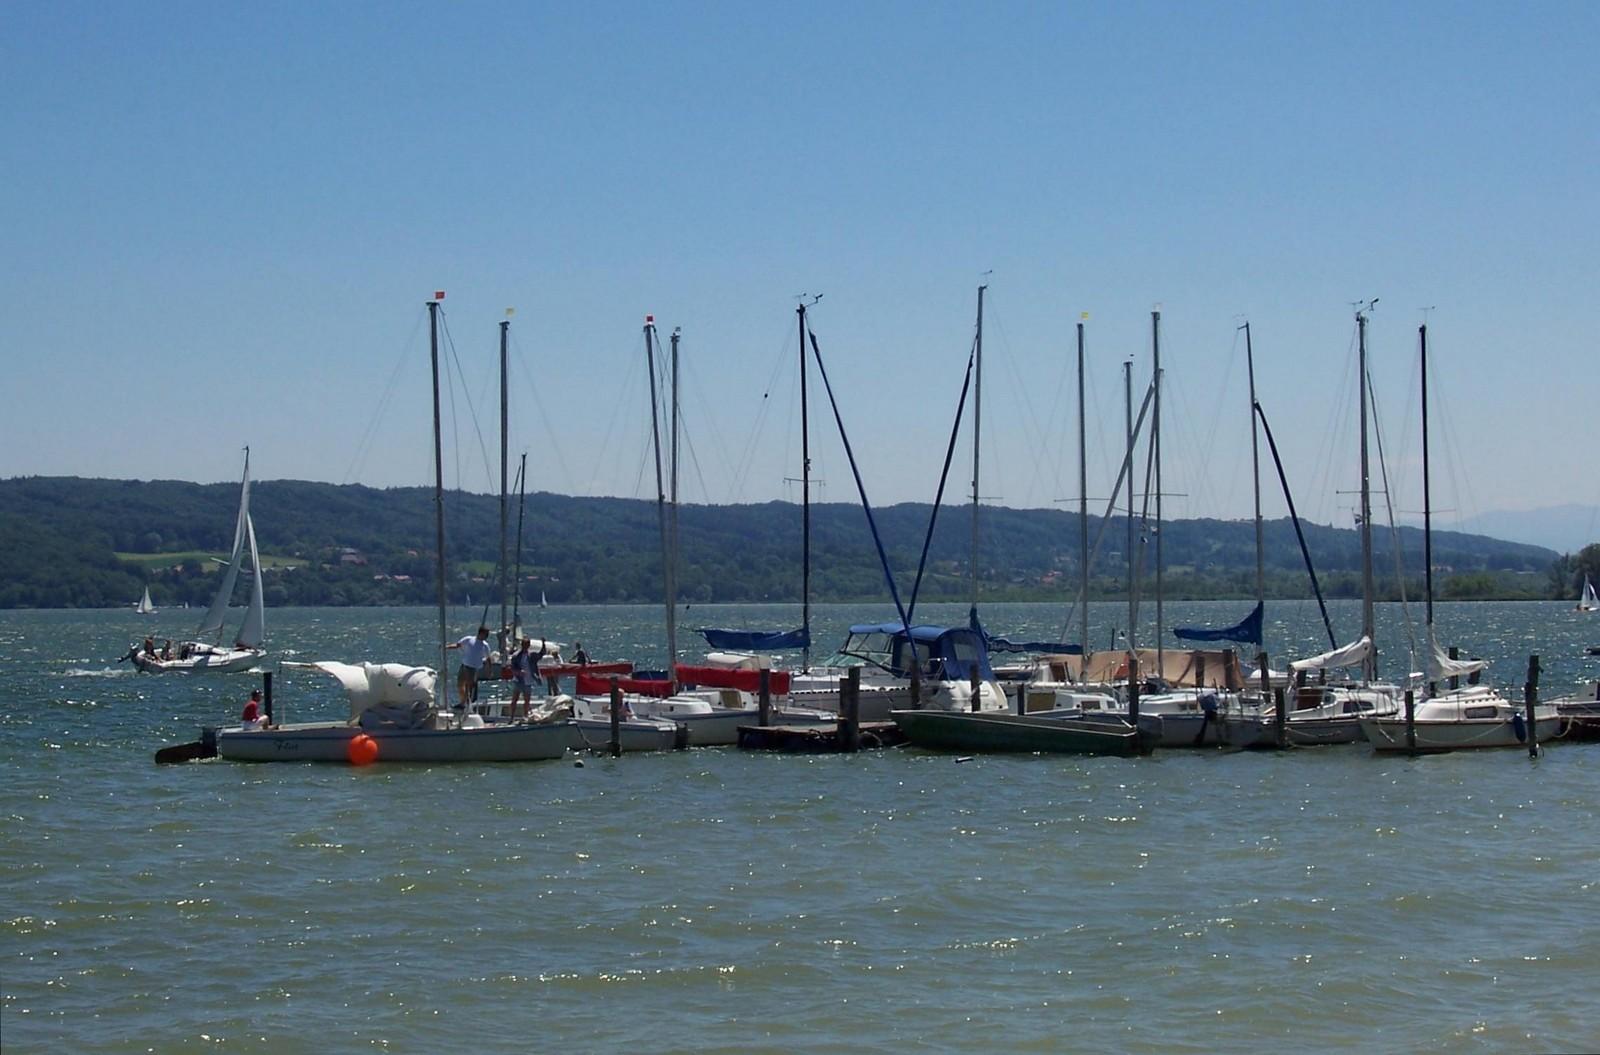 Bootsverleih Ernst in St. Alban am Ammersee